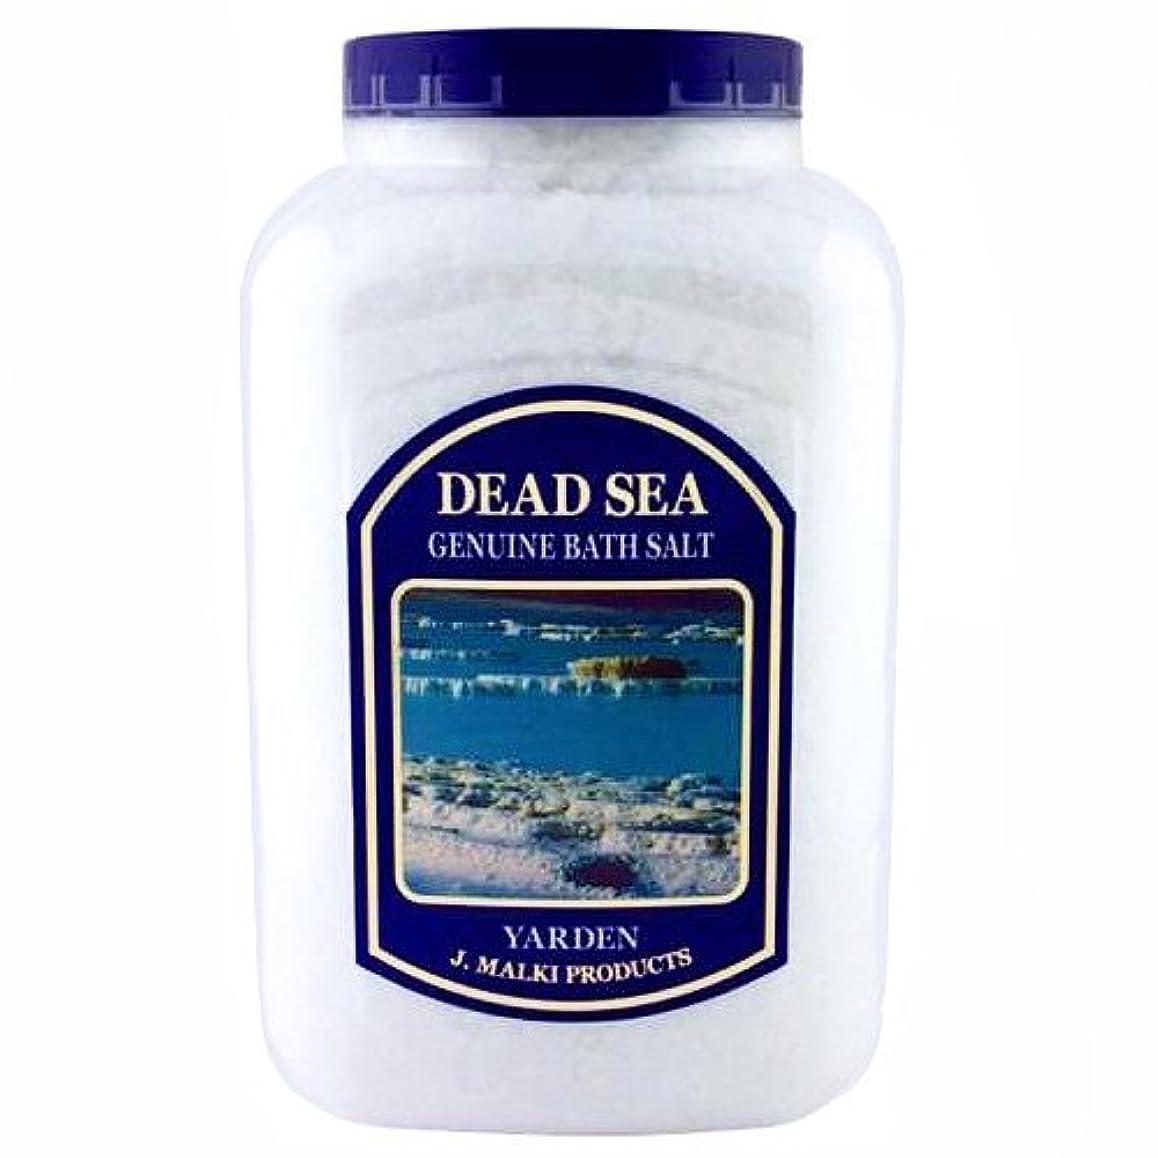 デッドシー?バスソルト 4.5kg(約45回分)【DEAD SEA BATH SALT】死海の塩/入浴剤(入浴用化粧品)【正規販売店】